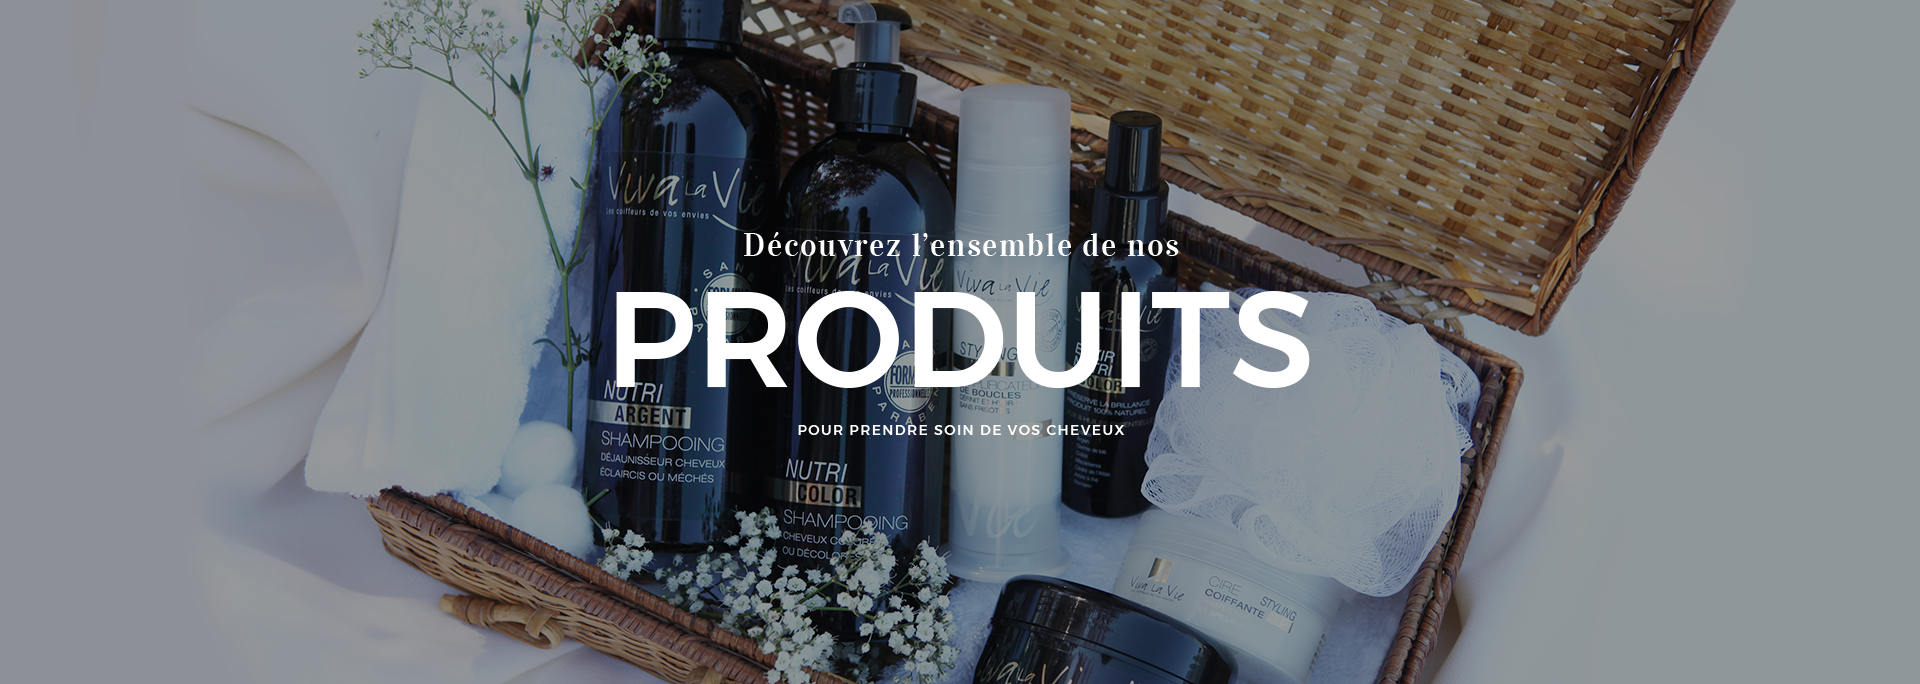 Produits pour cheveux | Viva la Vie